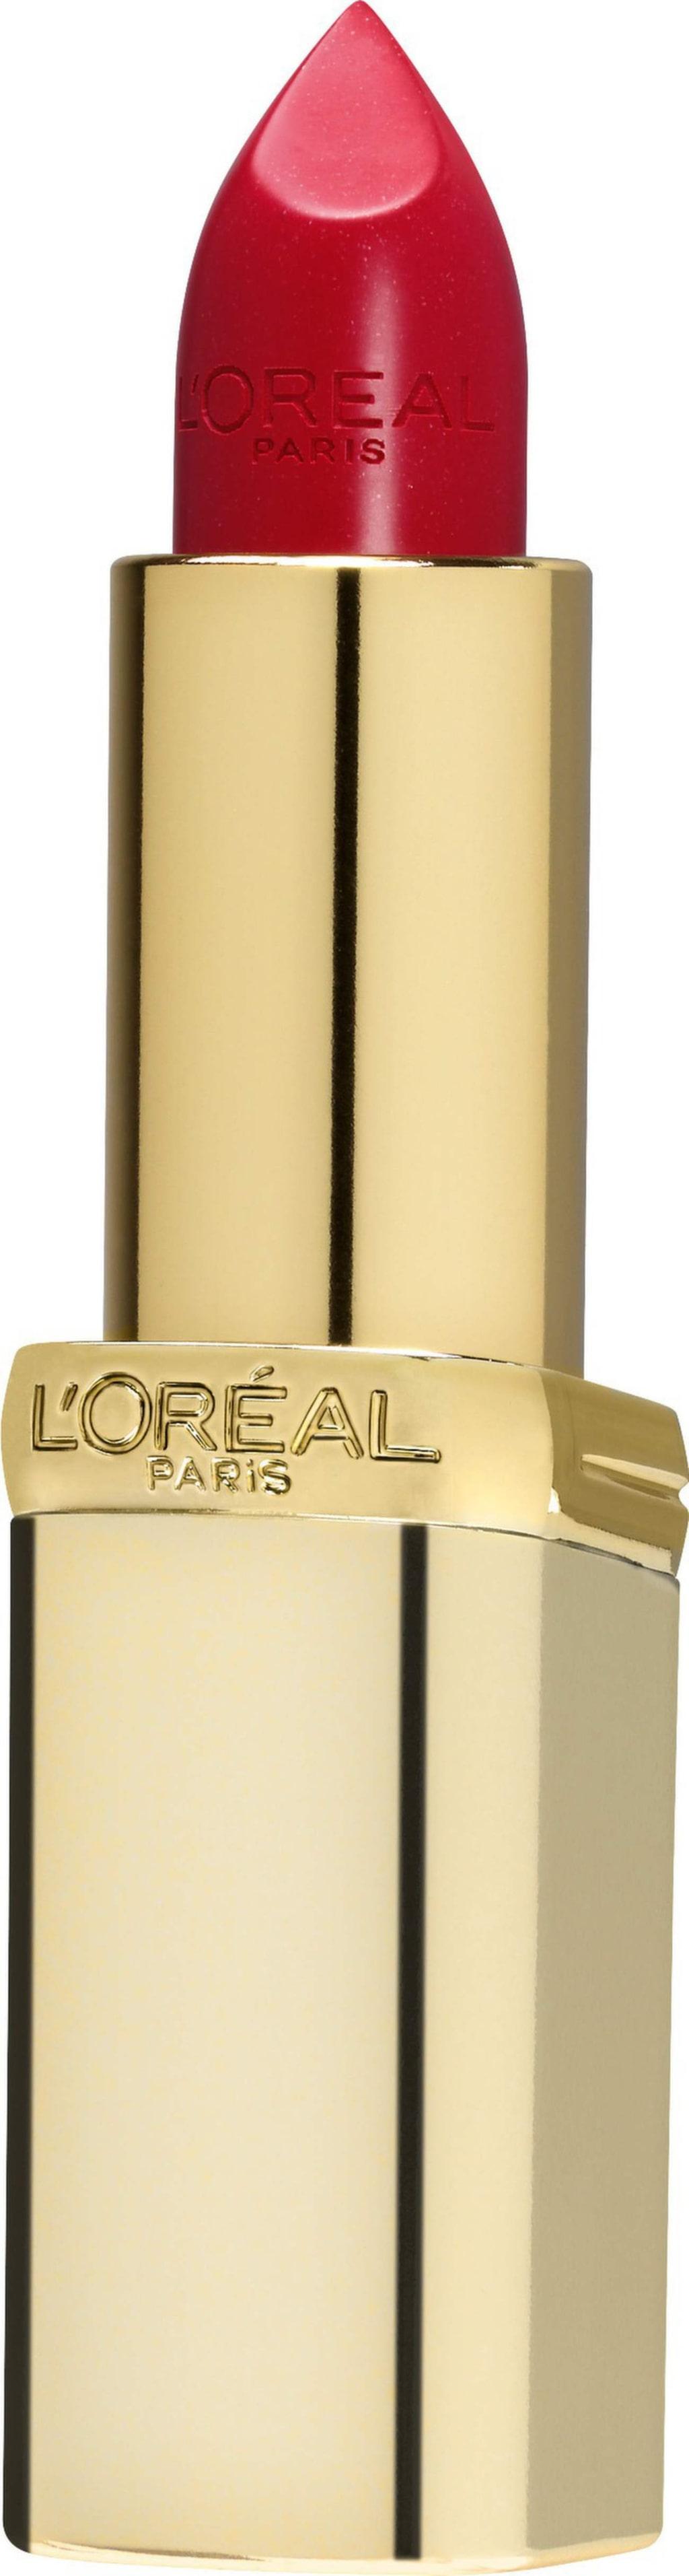 """<p>Läppstift """"Color riche"""" i färgen Red passion från L'Oréal Paris, 129 kronor.</p>"""